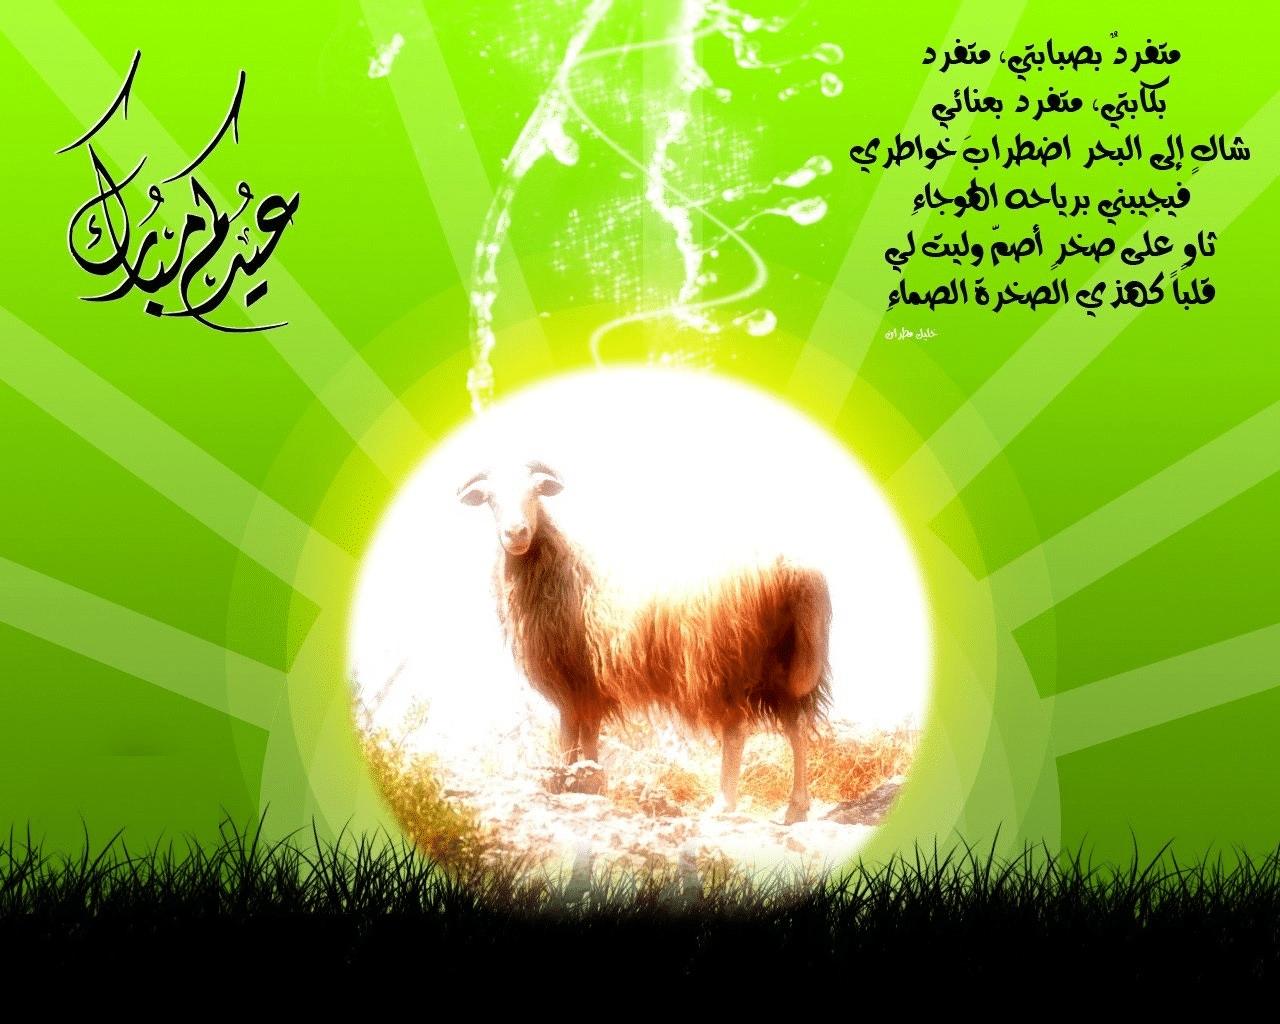 صورة اجمل الصور بمناسبة عيد الاضحى المبارك , اجمل مناظر تظهر بهجه العيد 6840 1